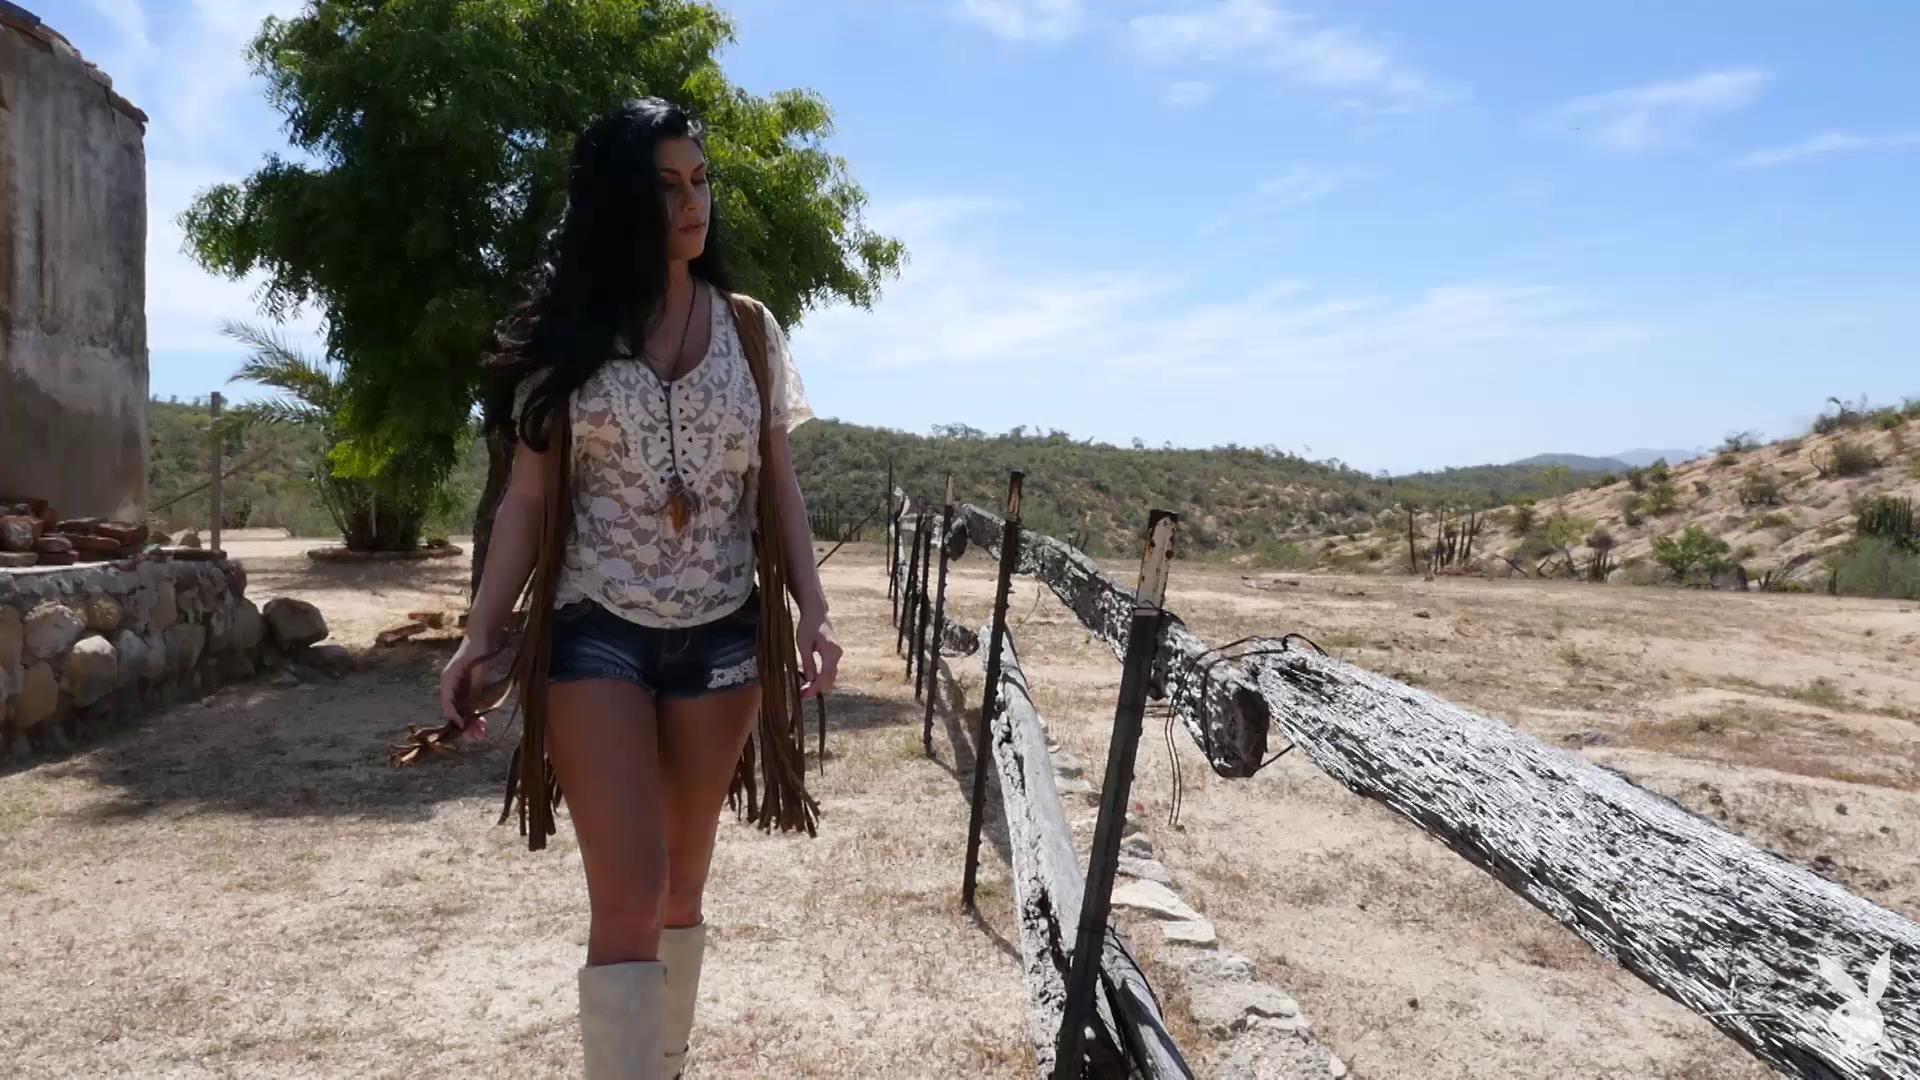 PlayboyPlus – Autumn Lynn Sand And Stone